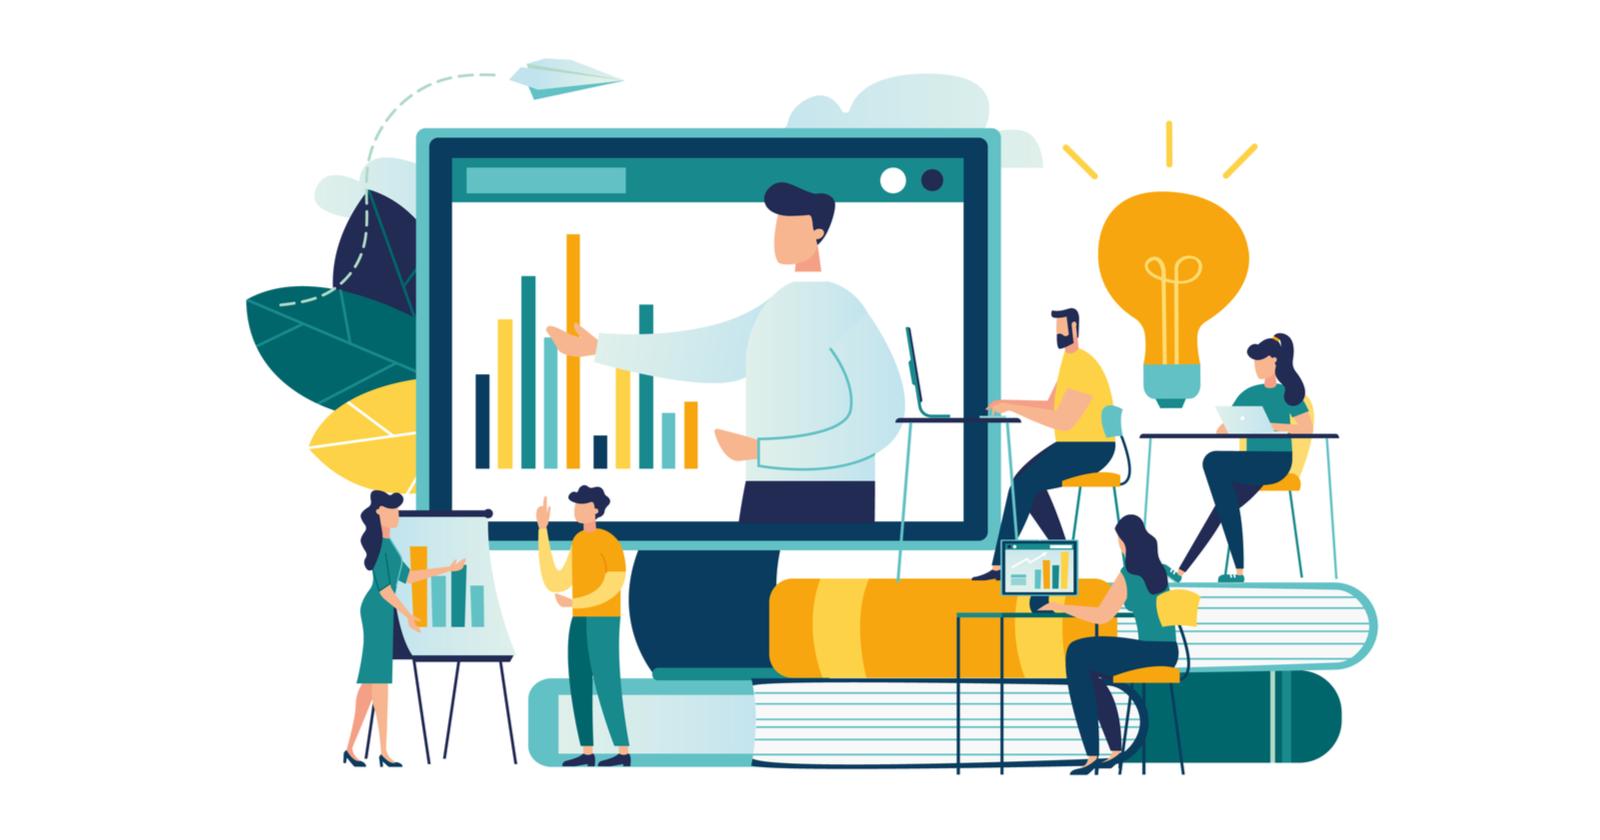 Tìm kiếm dịch vụ Marketing hiệu quả cho Doanh nghiệp ở đâu?